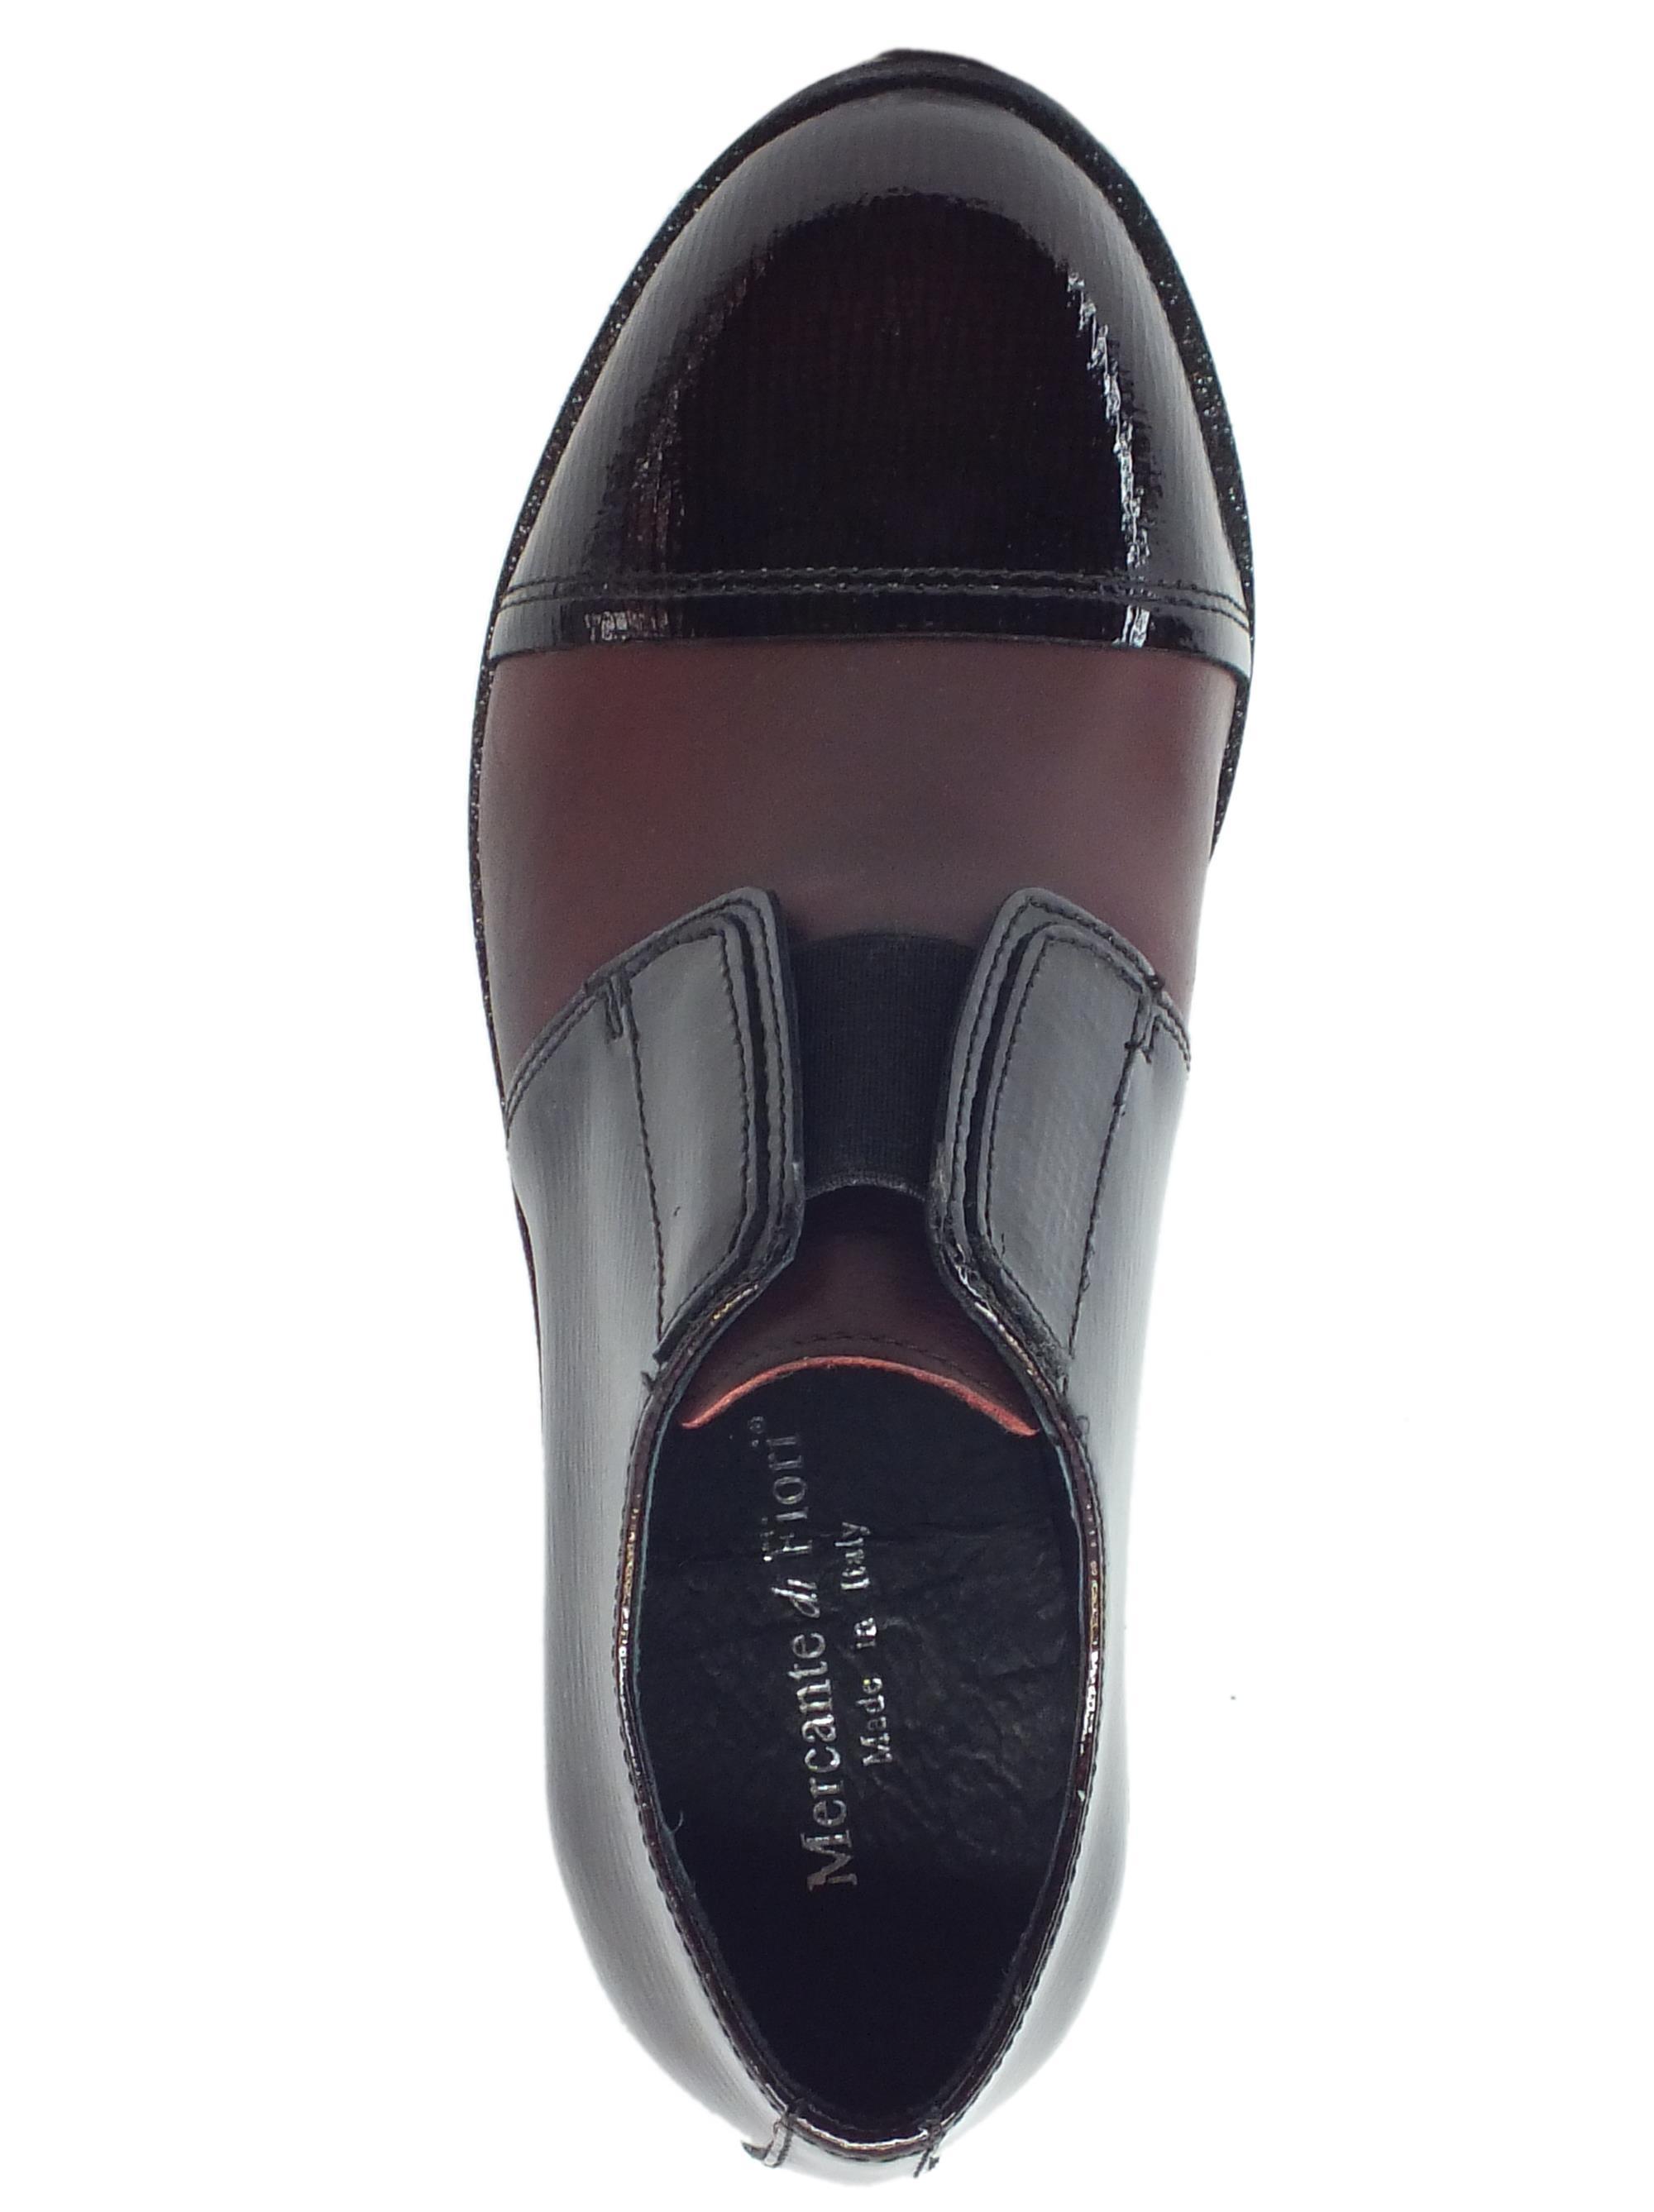 ... Scarpe Mercante di Fiori in pelle e vernice bordeaux con calzata veloce a4425db702e